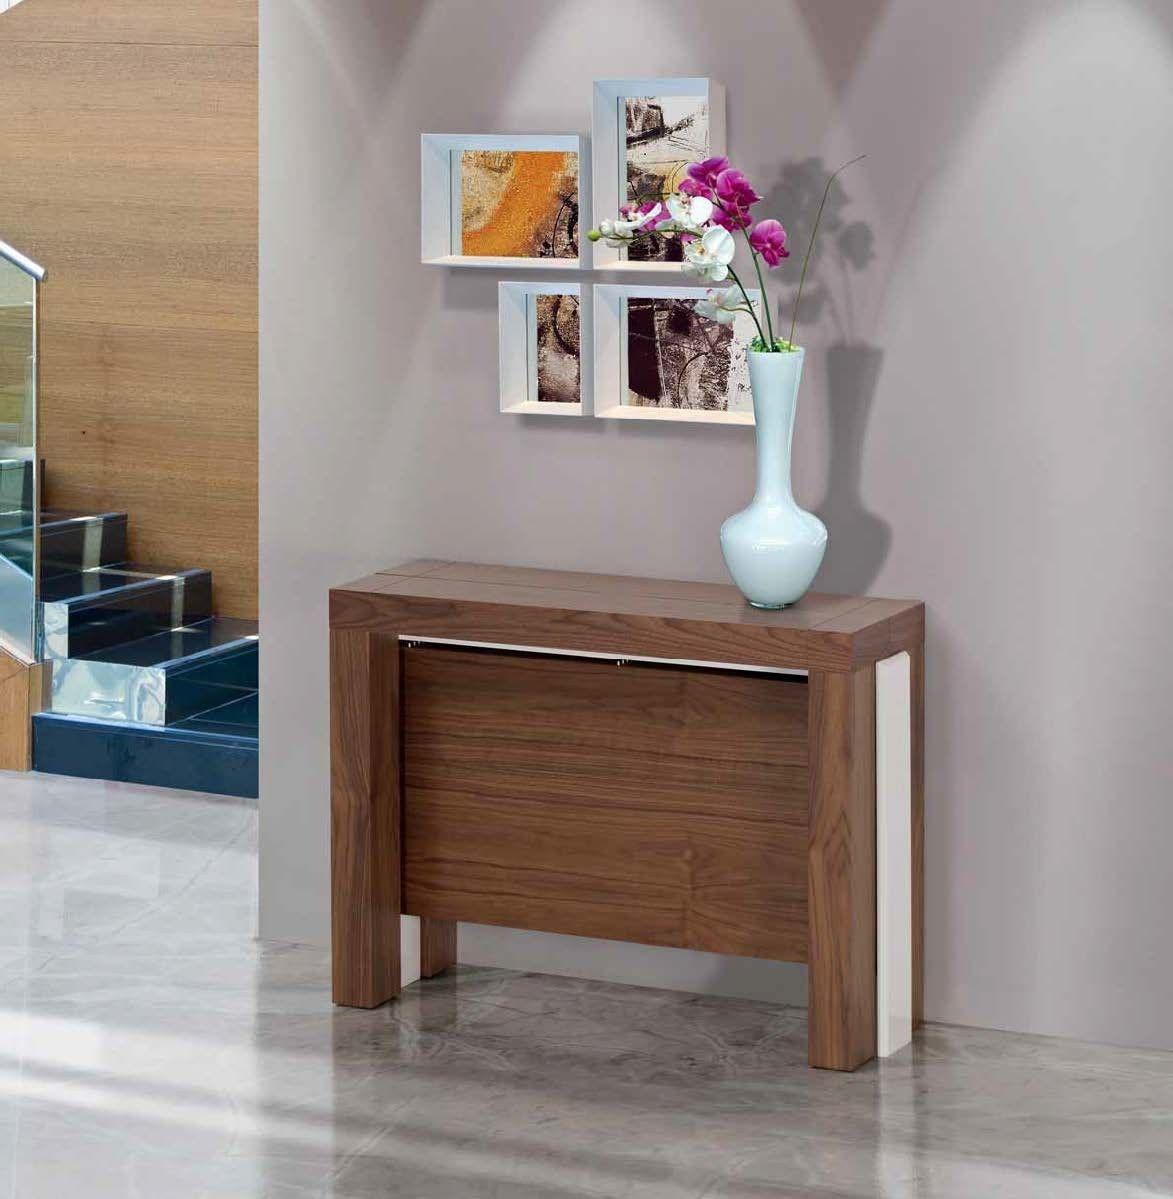 Muebles auxiliares: Productos y servicios de Muebles El Pilar